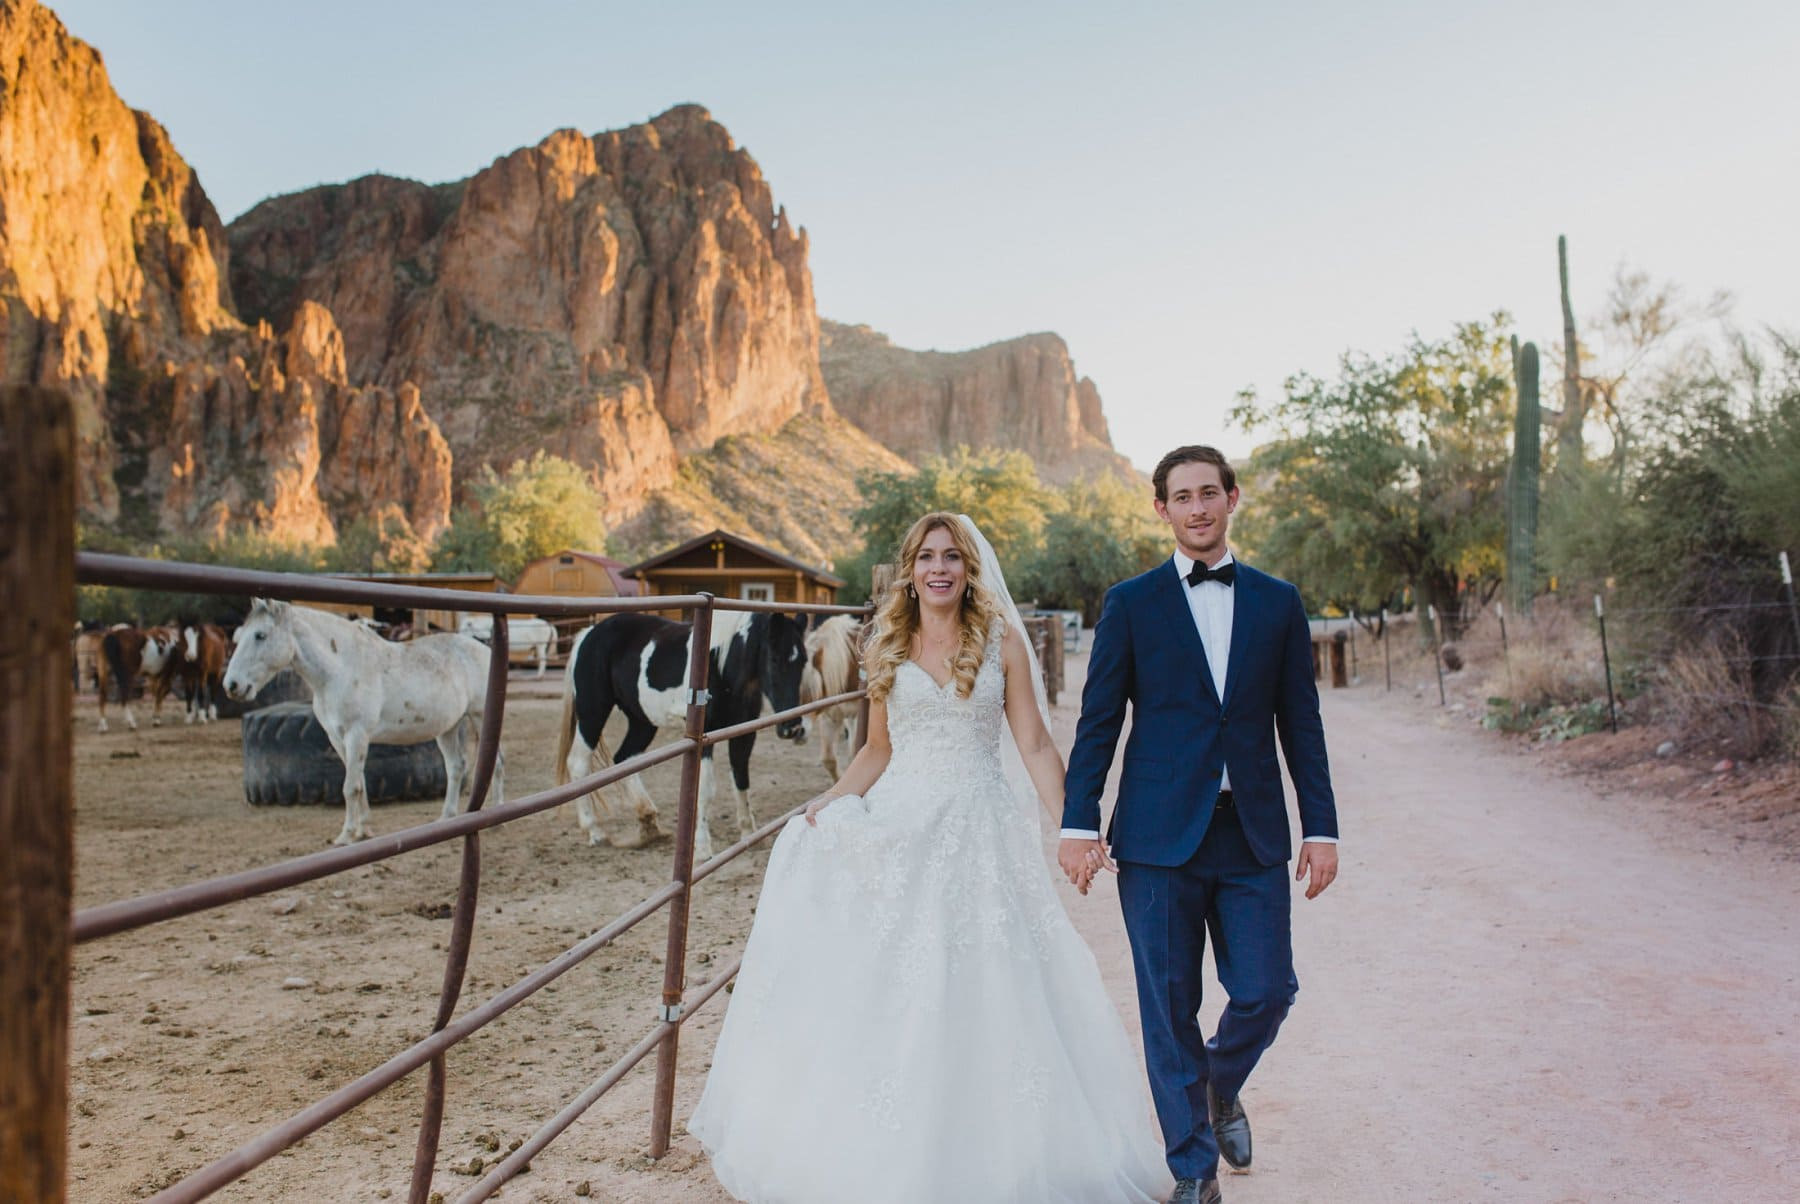 Saguaro Lake Ranch wedding photos